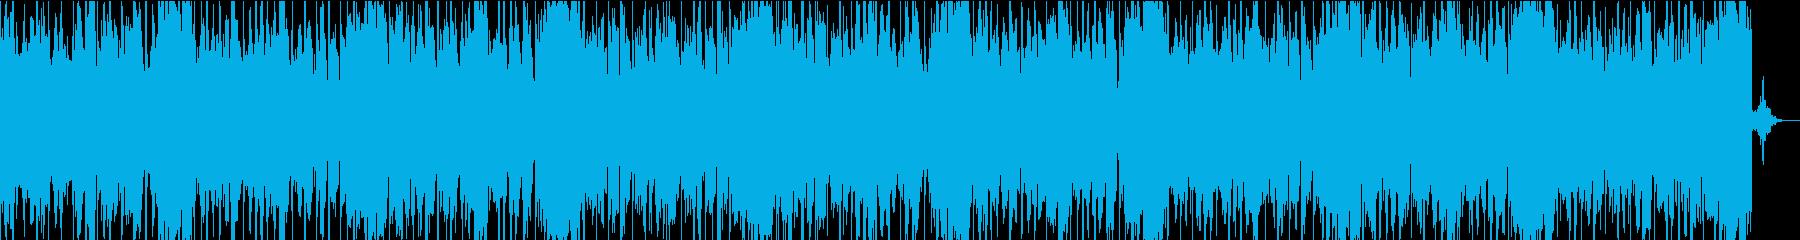 浮遊感のあるビートですの再生済みの波形